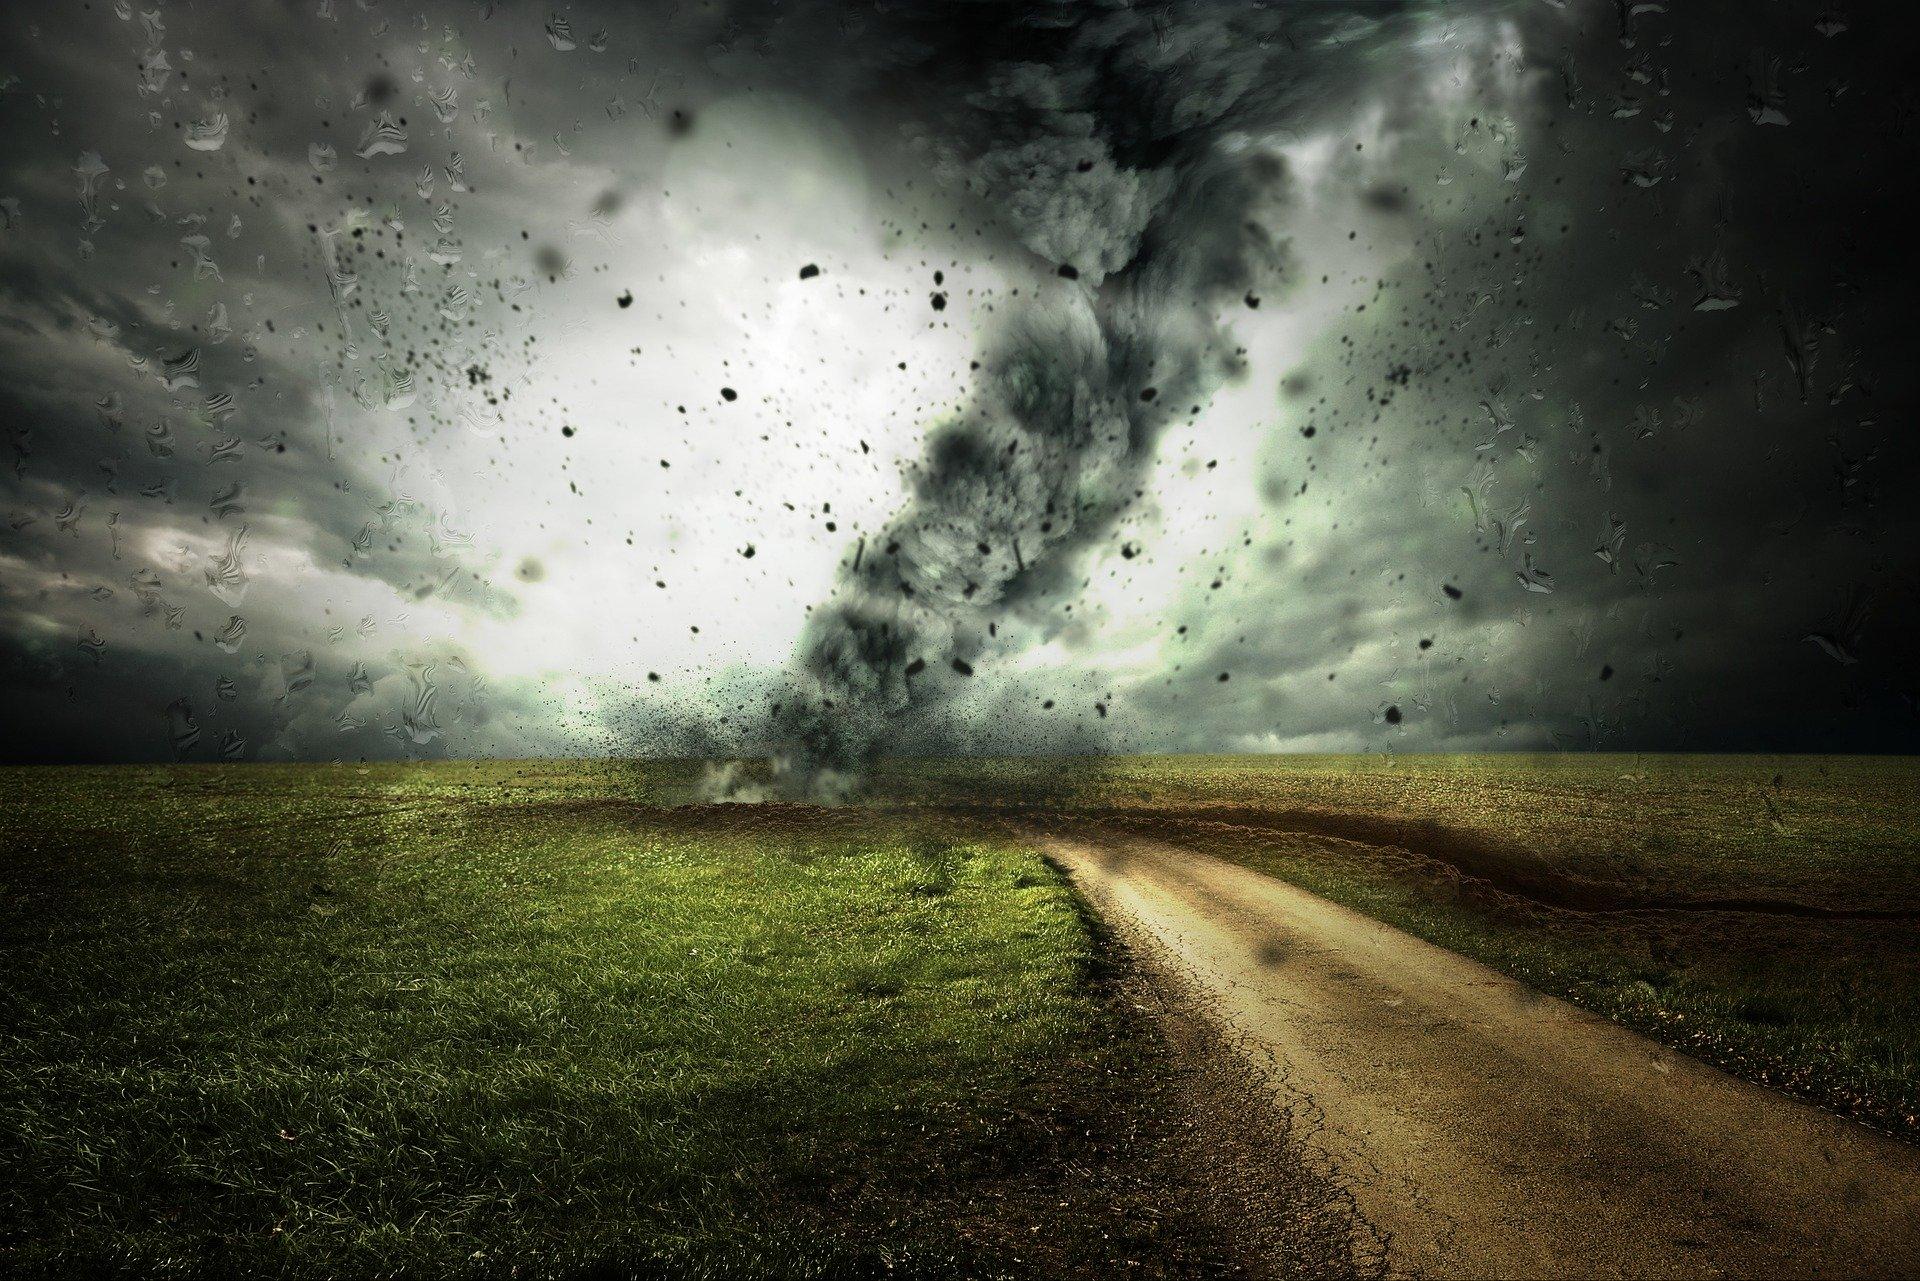 Tornado image representing business disaster